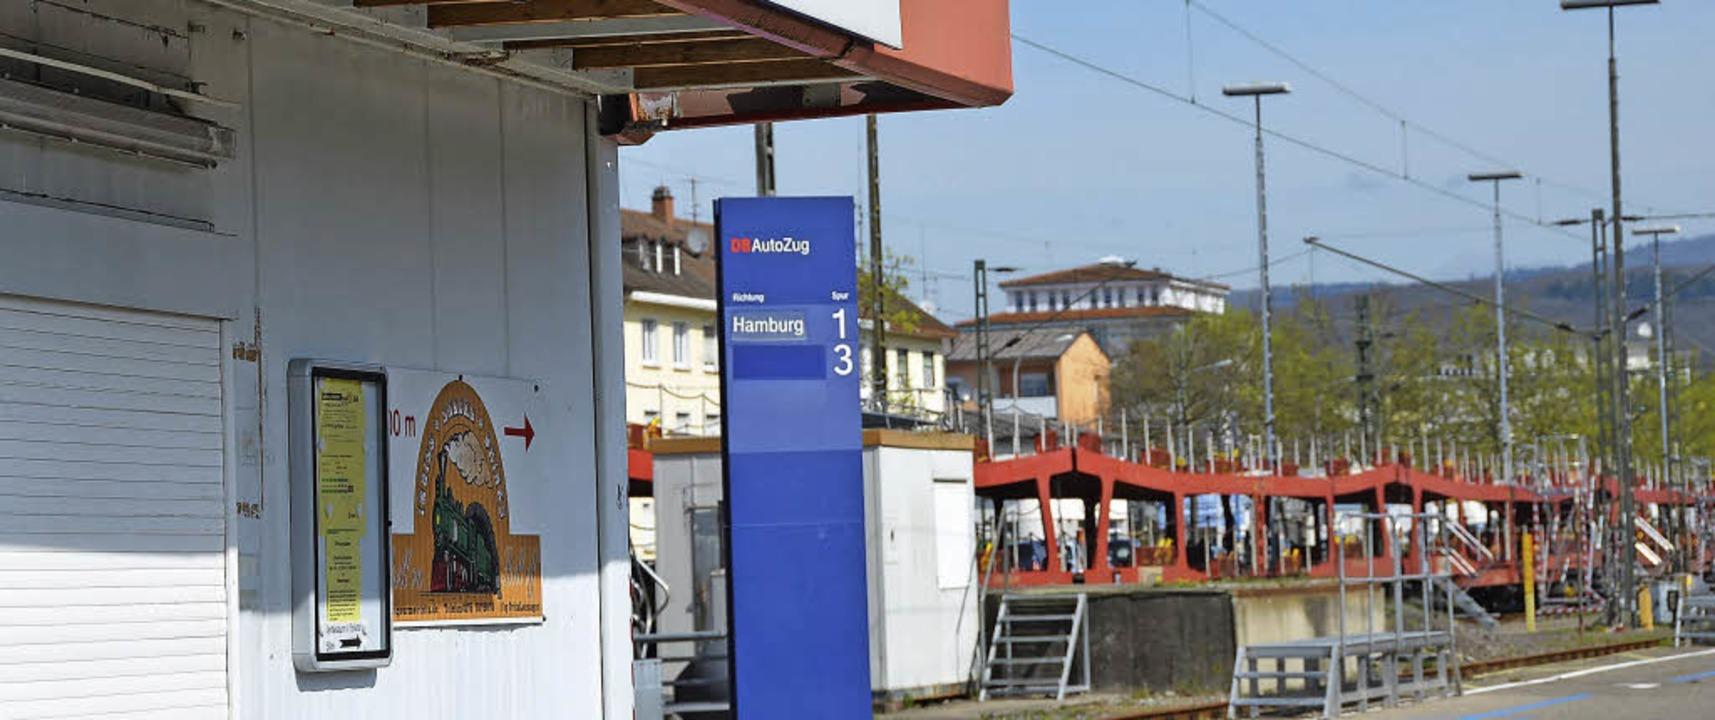 Güterbahnhof Lörrach: Wenn der Autozug... Standort eines citynahen Parkhauses.   | Foto: Sabine Ehrentreich